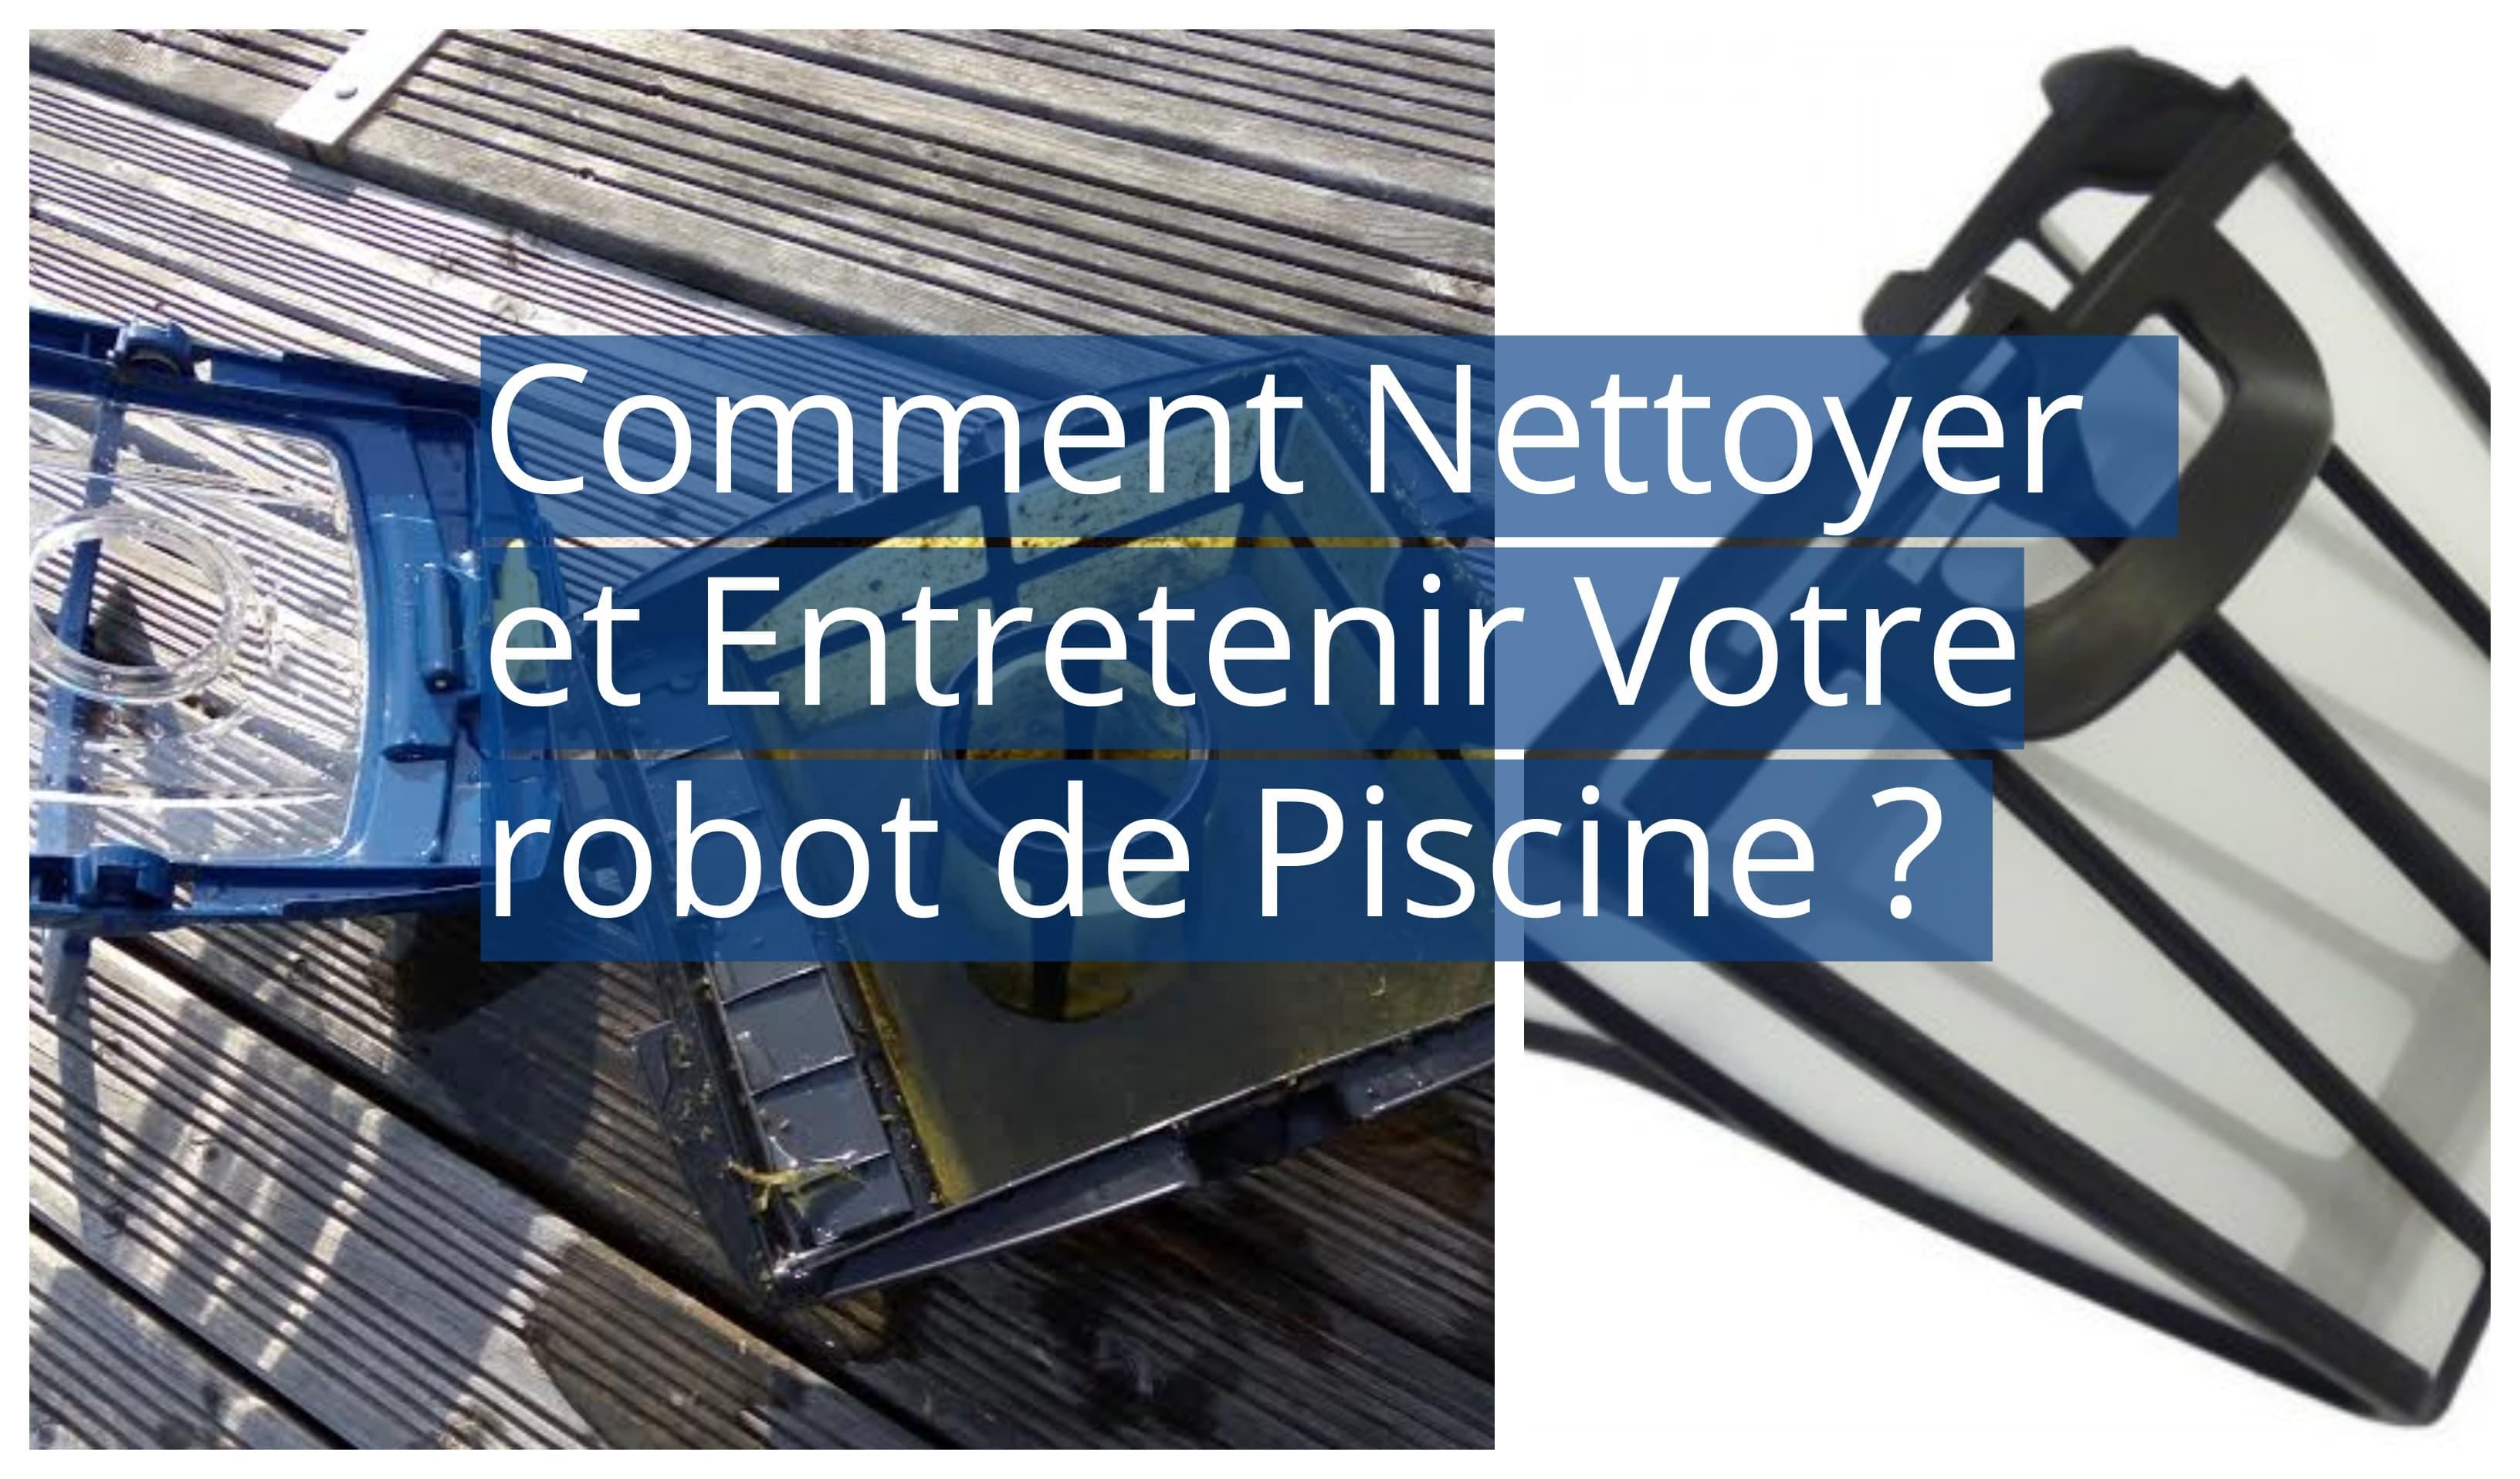 Filtre Piscine Lave Vaisselle astuces: comment nettoyer et entretenir votre robot de piscine ?